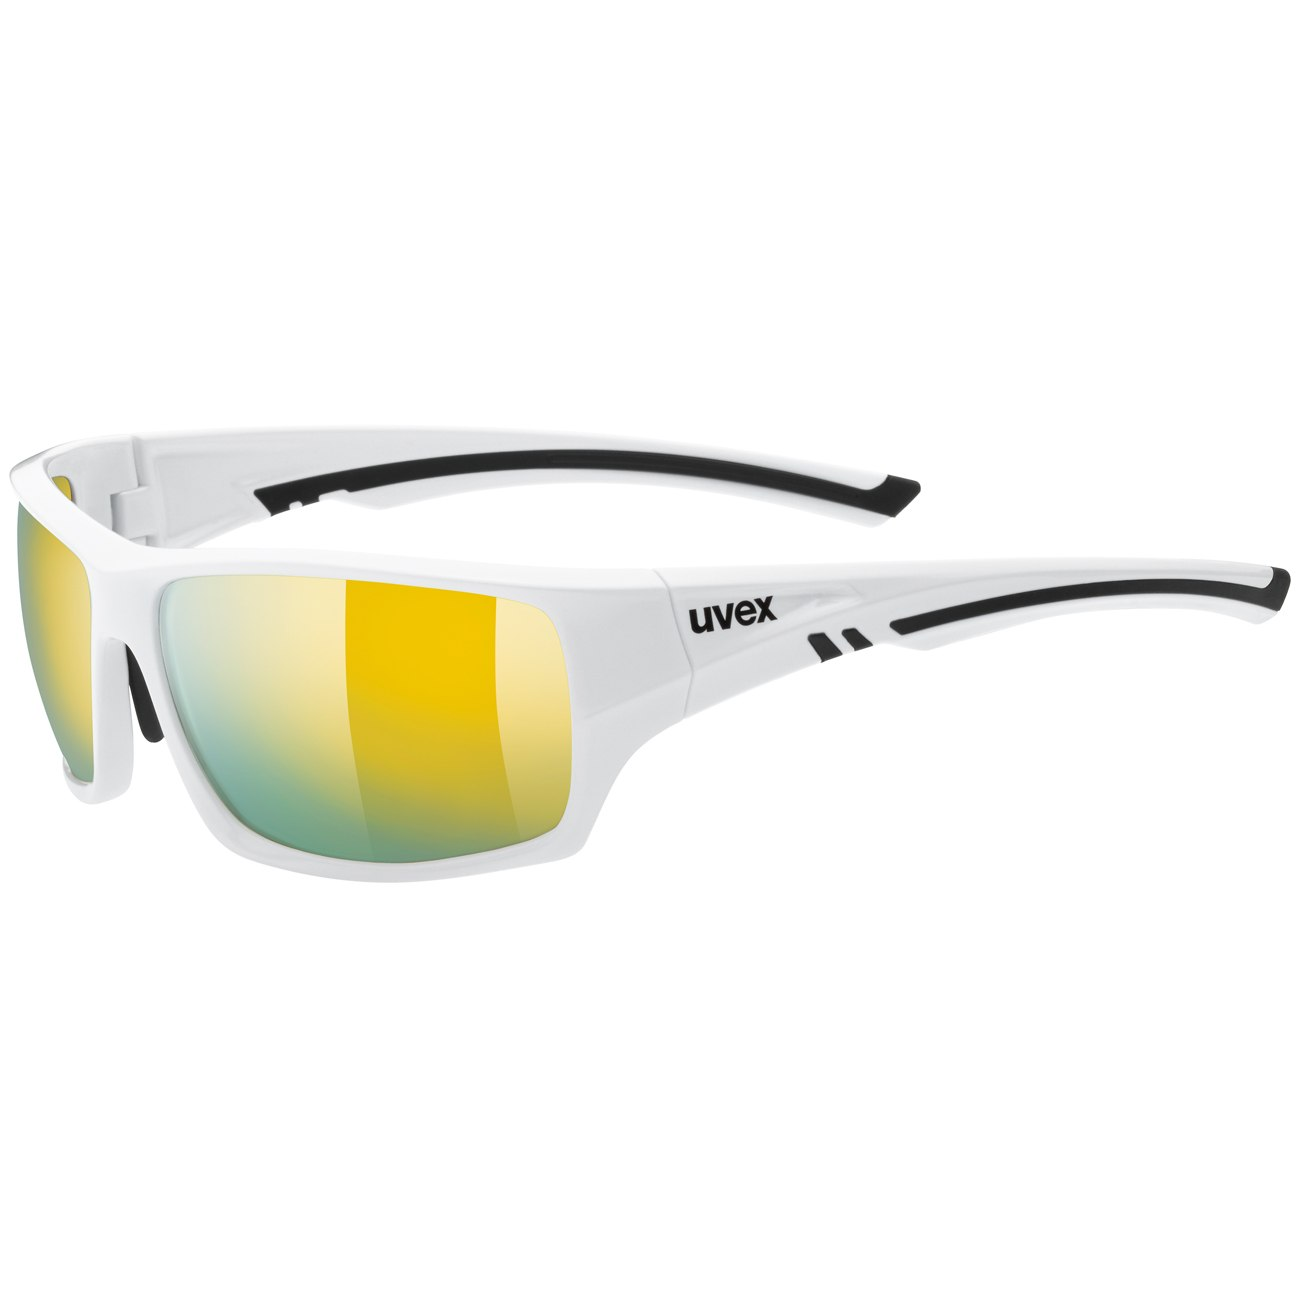 Uvex sportstyle 222 pola - white/litemirror yellow Glasses